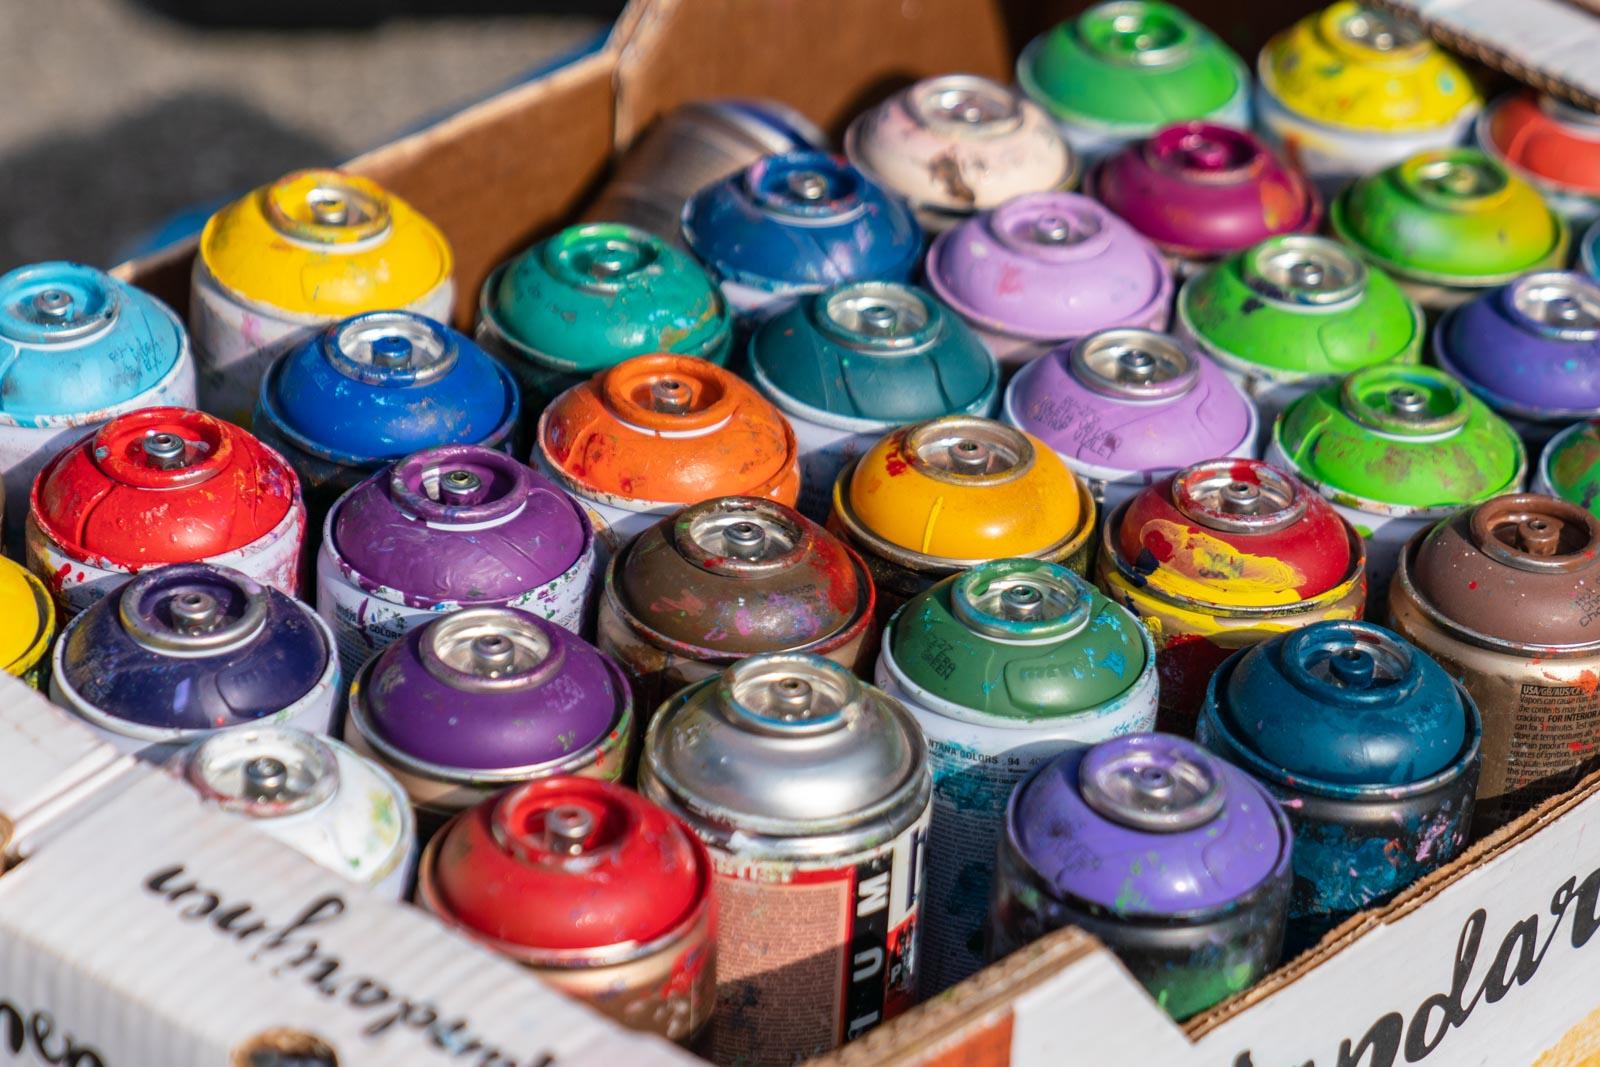 Doos met spuitbussen in veel levendige kleuren